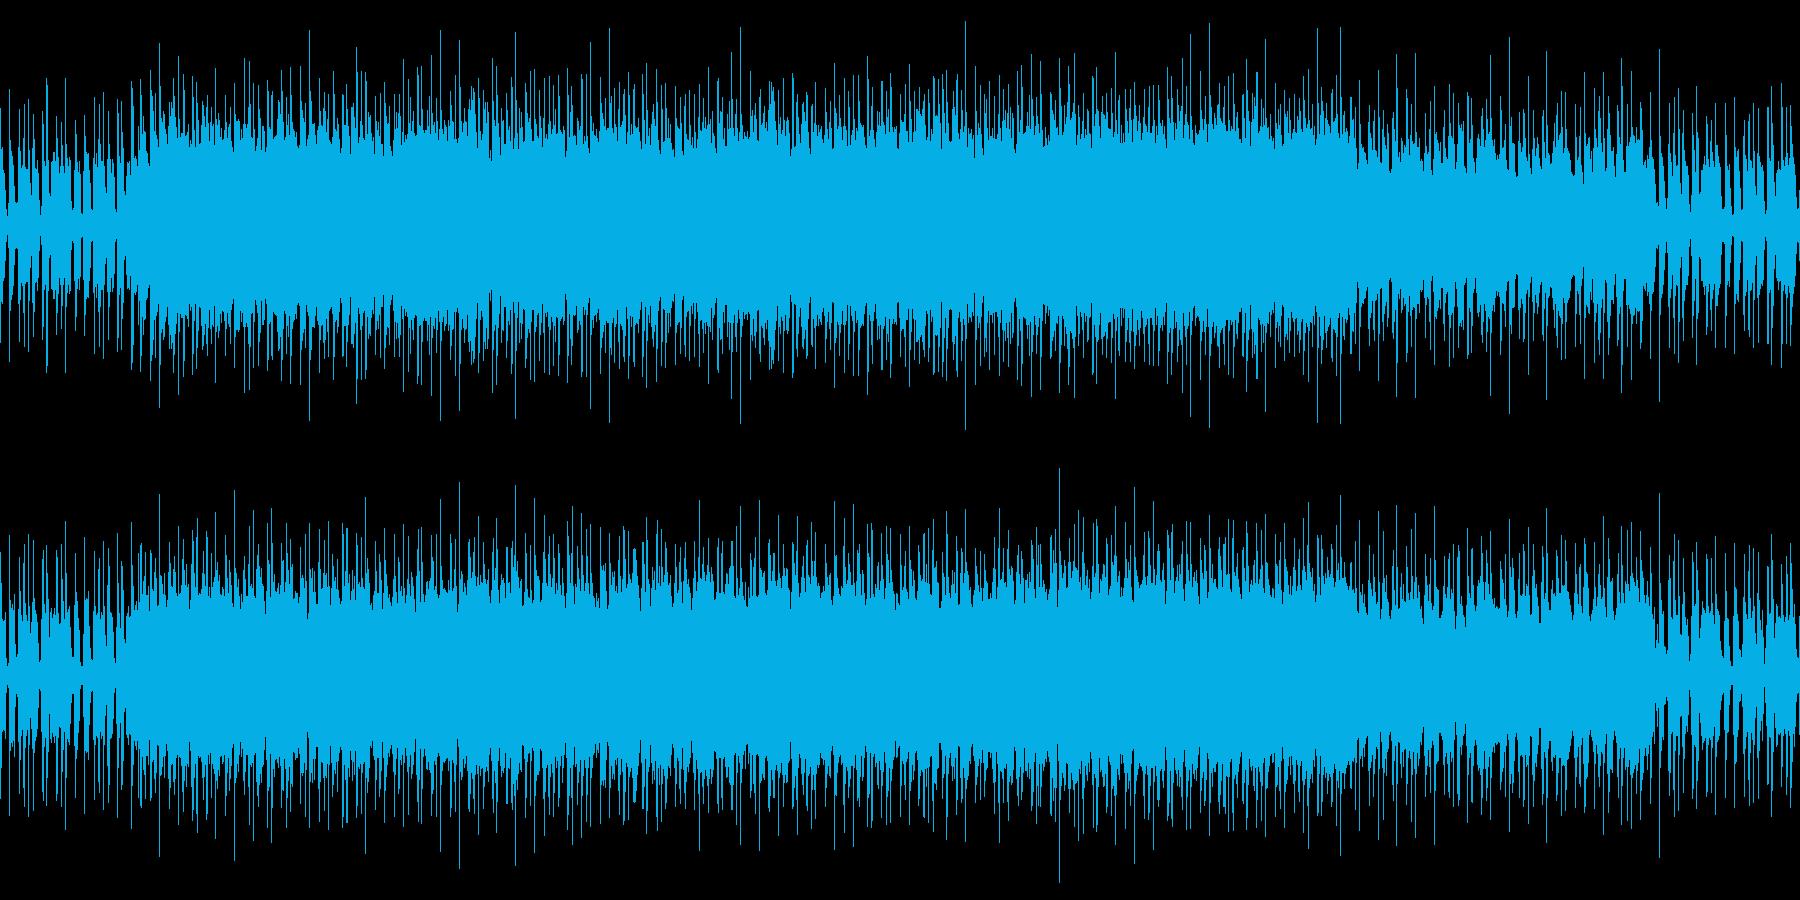 ループ 透明感ある爽やかなポップロックの再生済みの波形